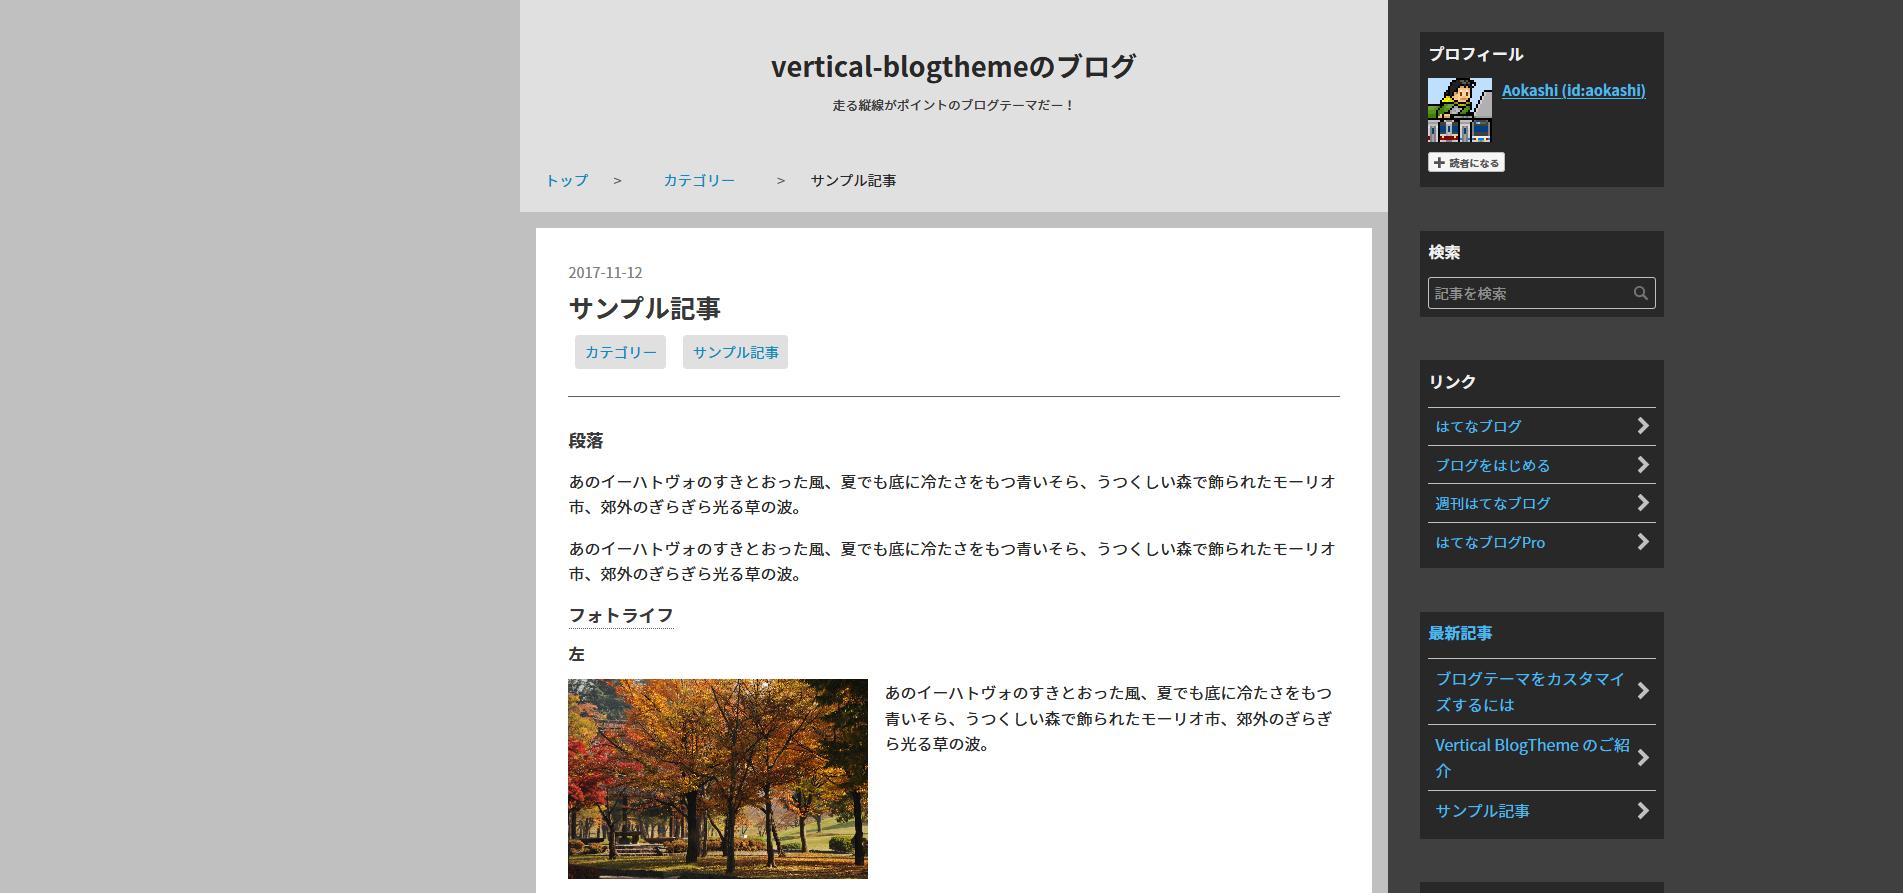 f:id:aokashi:20200113230142p:plain